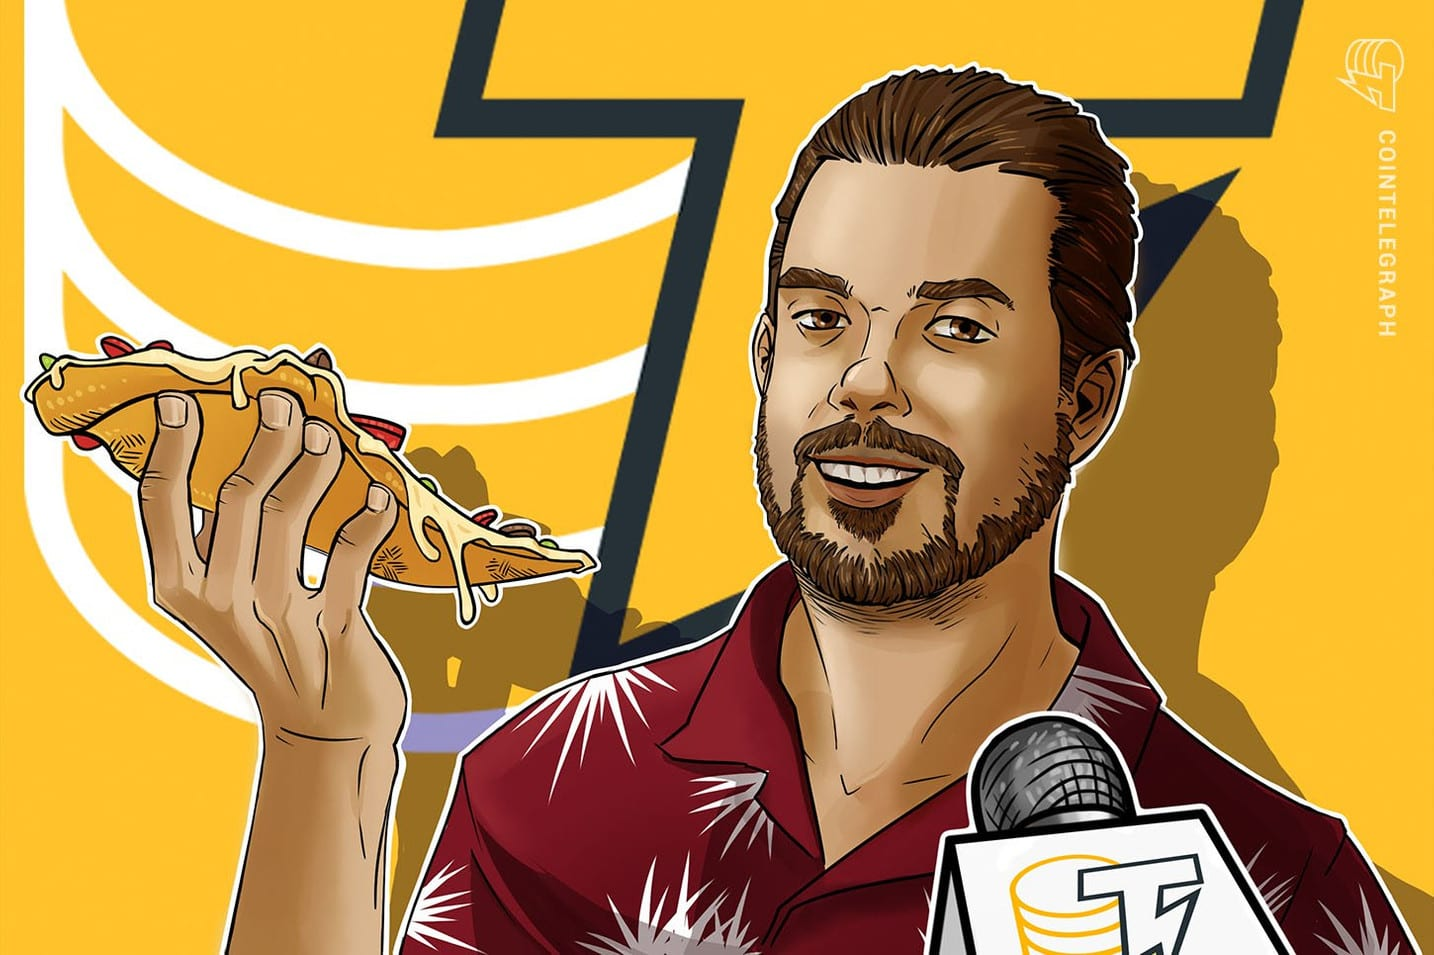 Bitcoin Pizza Guy